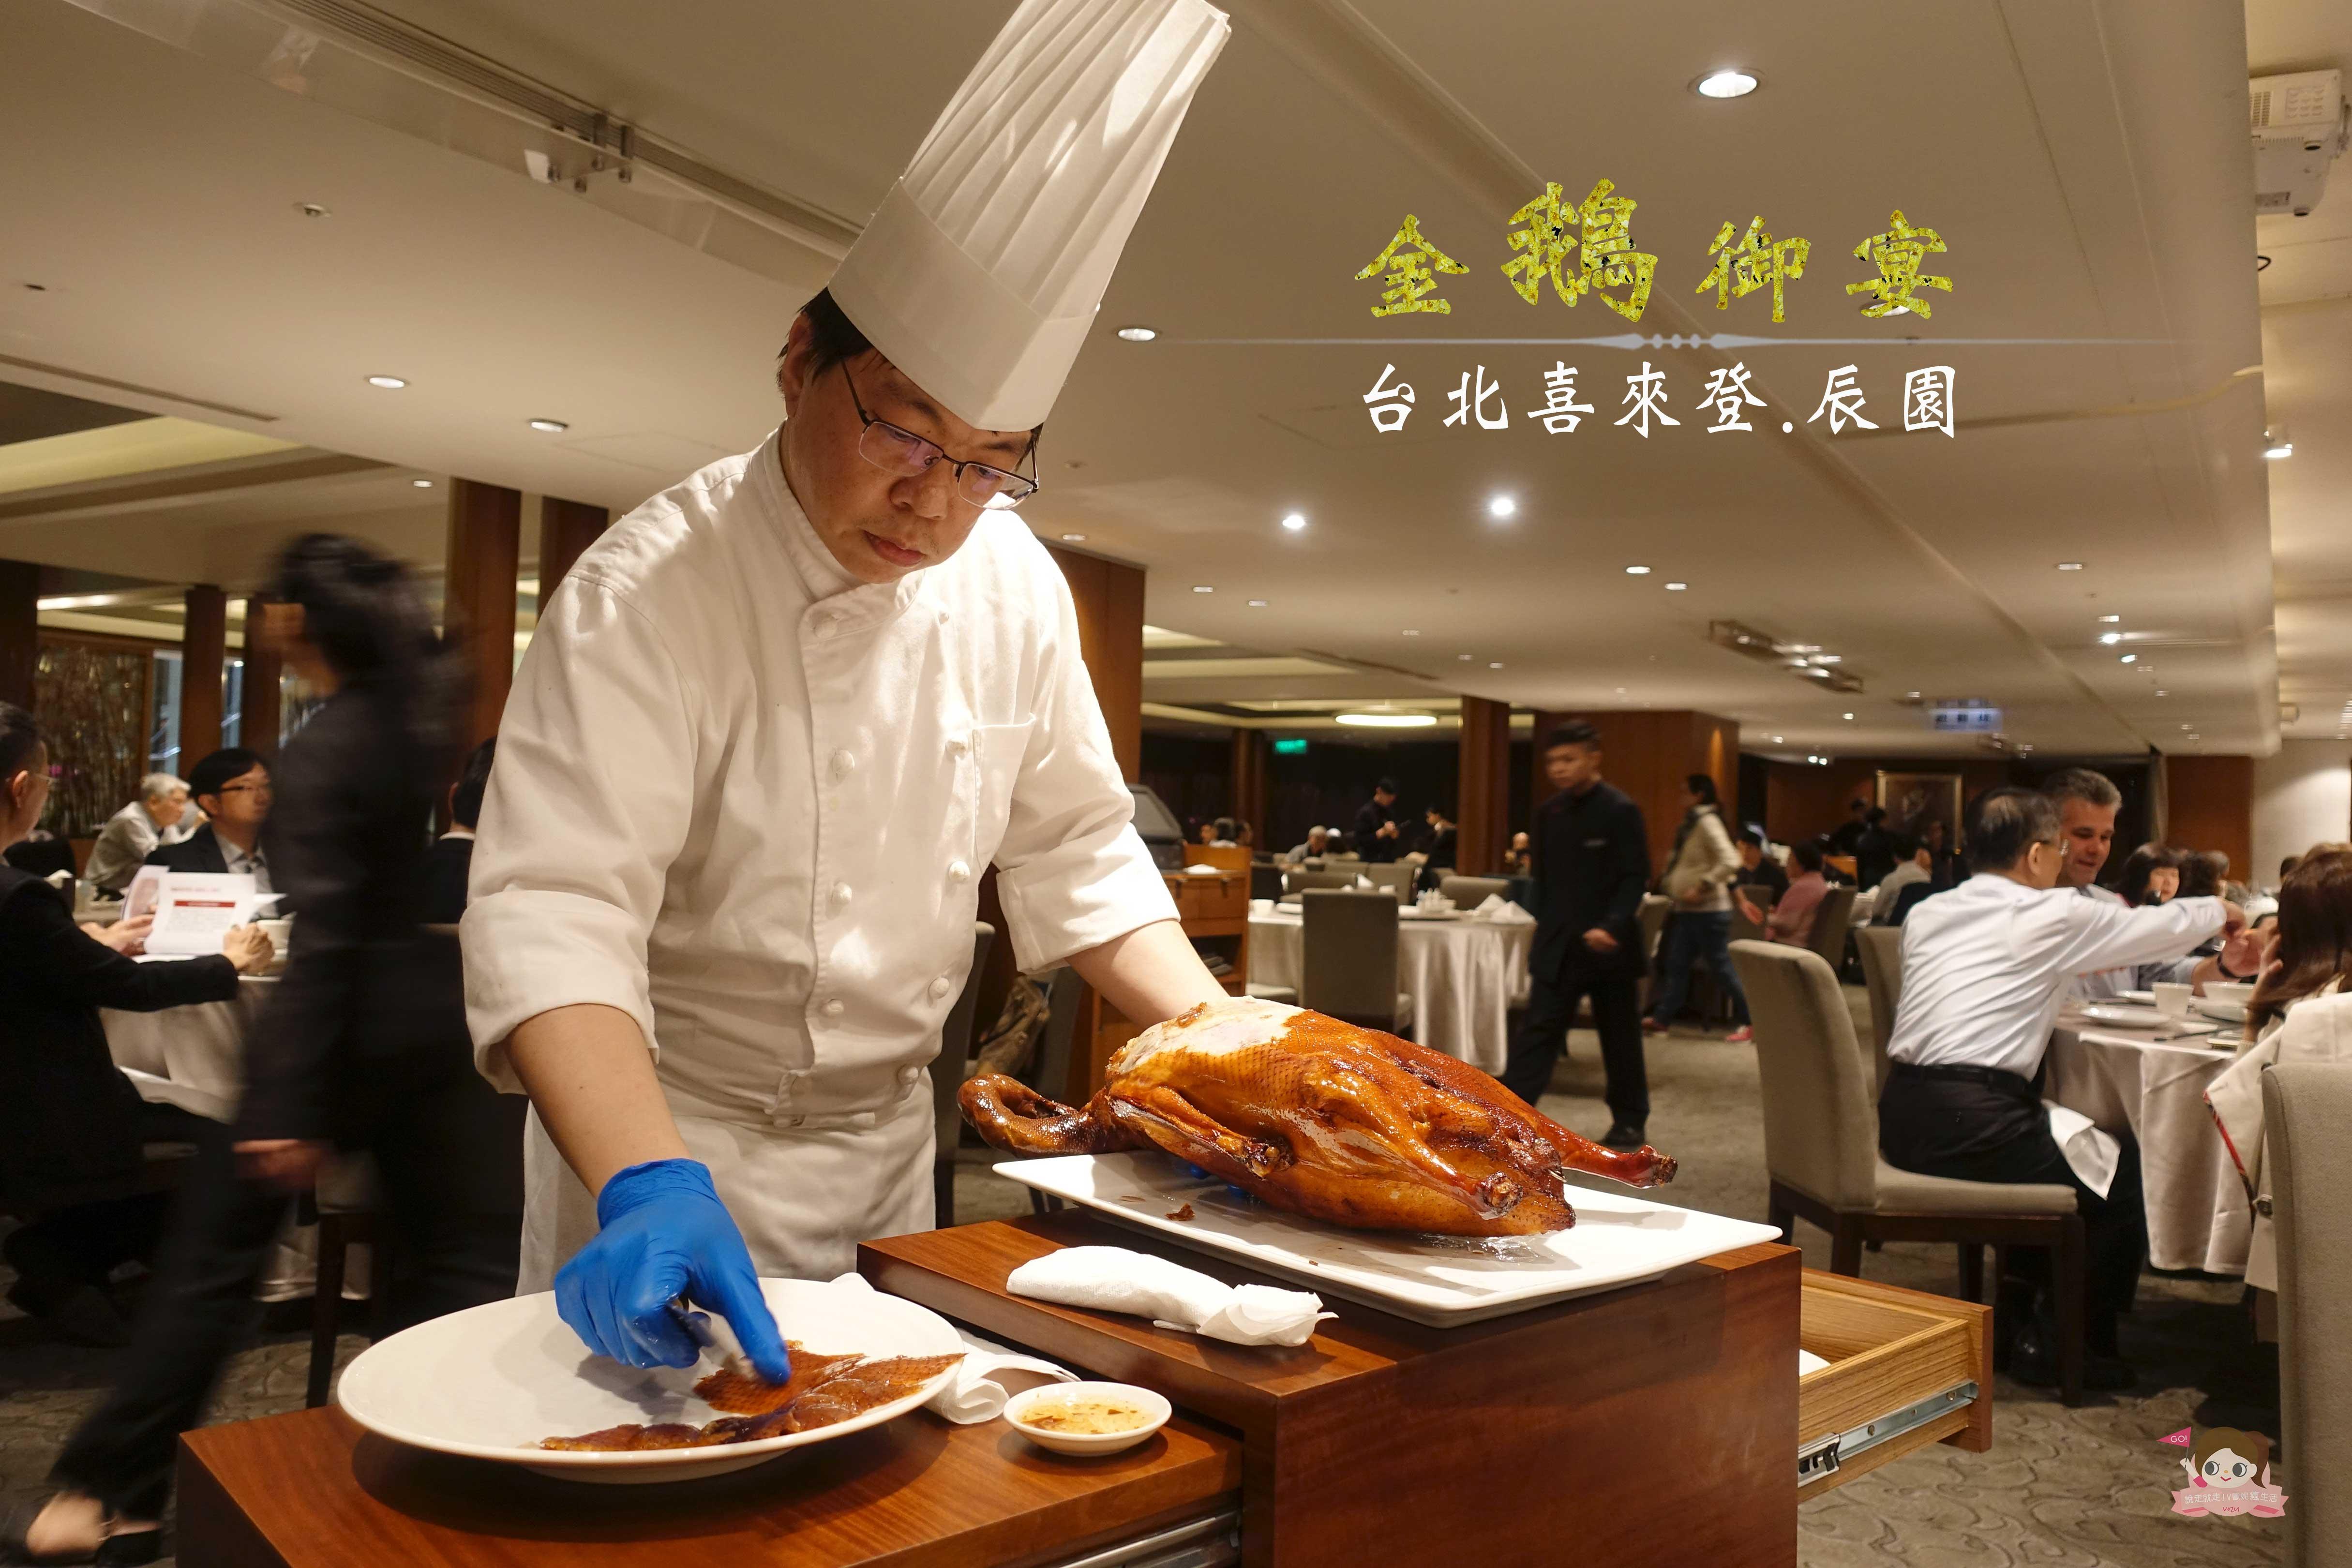 台北喜來登辰園【金鵝御宴】,不用飛香港,一鵝四吃極品饗宴